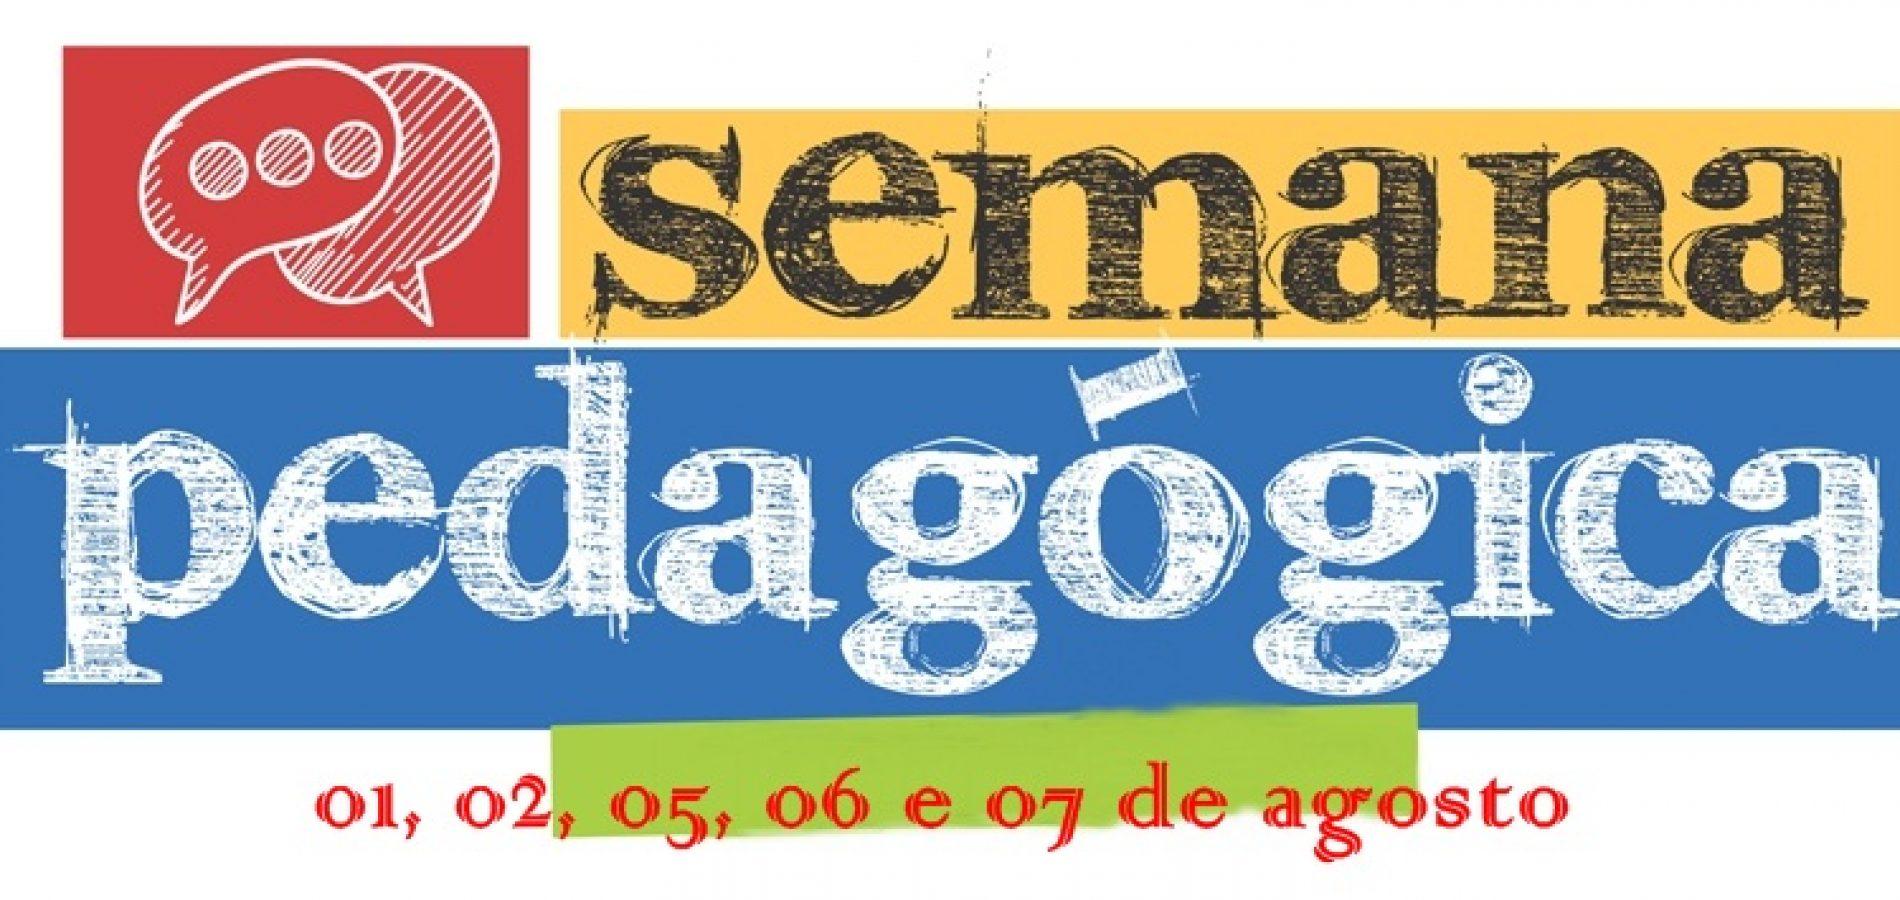 JAICÓS | II Semana Pedagógica acontece entre os dias 1 e 7 de agosto; veja programação!